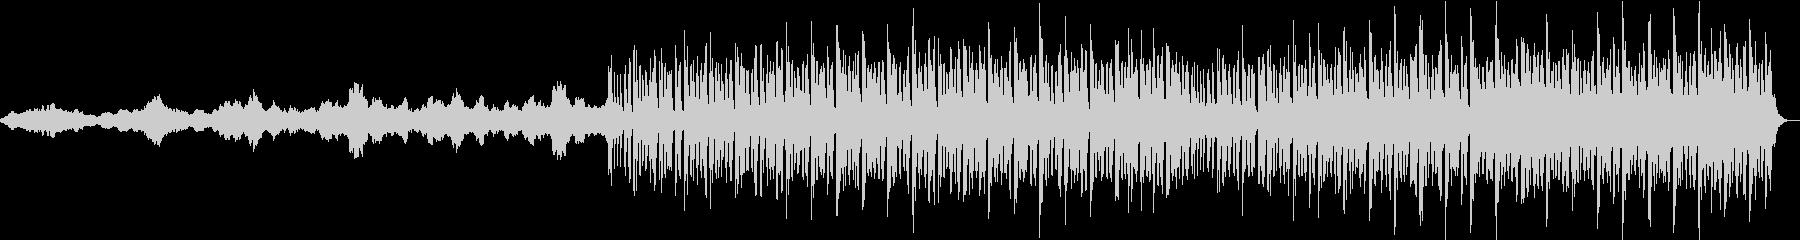 ストリングスとピアノによるフラクタル構造の未再生の波形